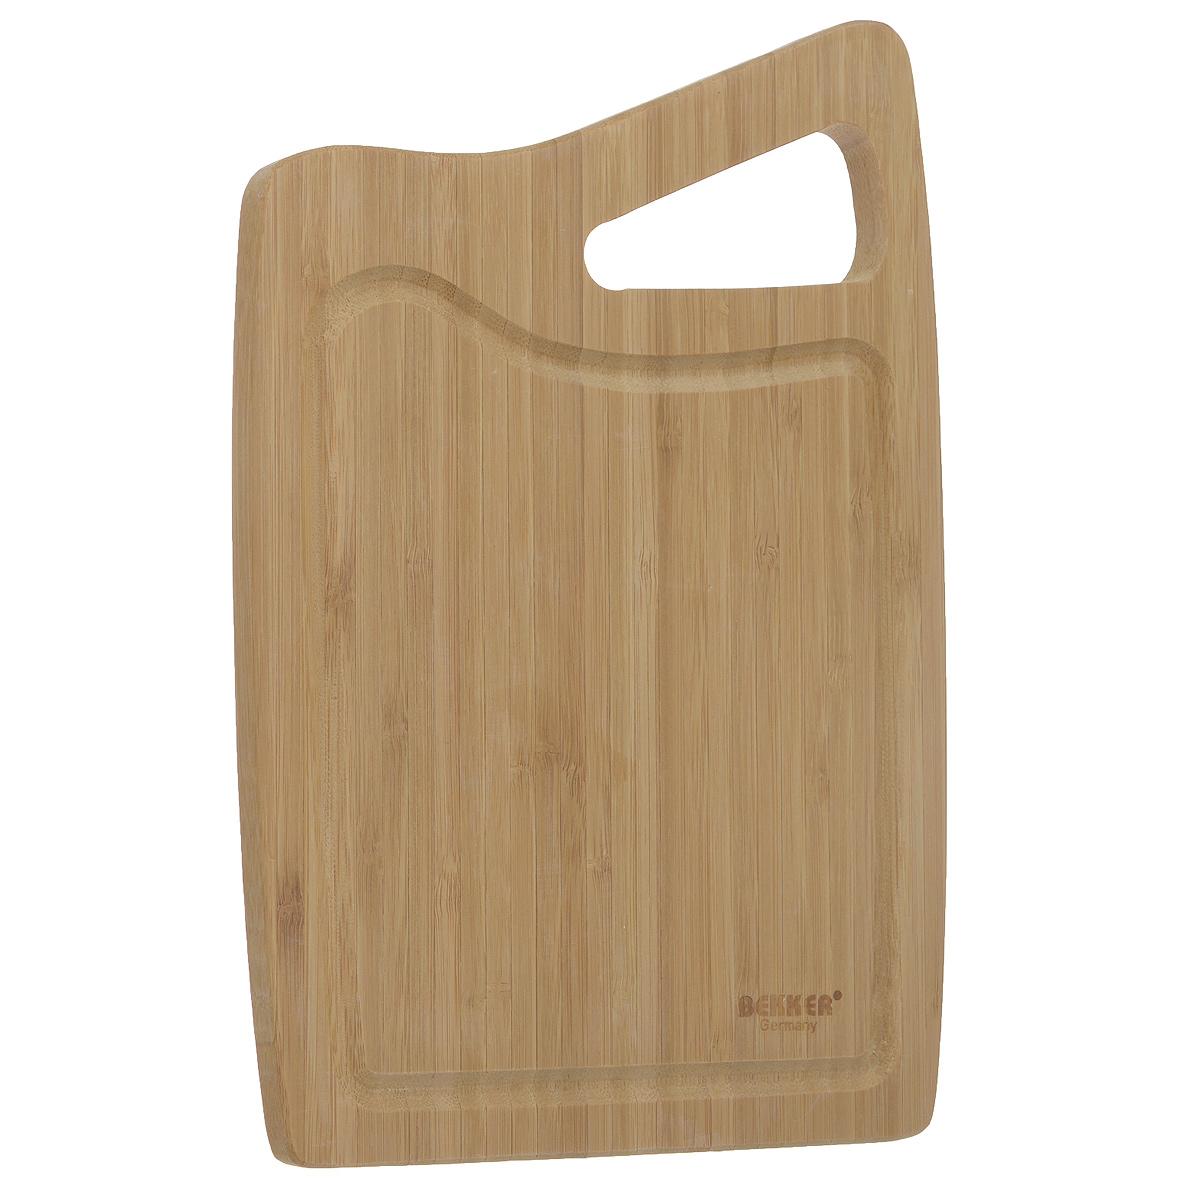 Доска разделочная Bekker, бамбуковая, 30 х 20 см BK-9718